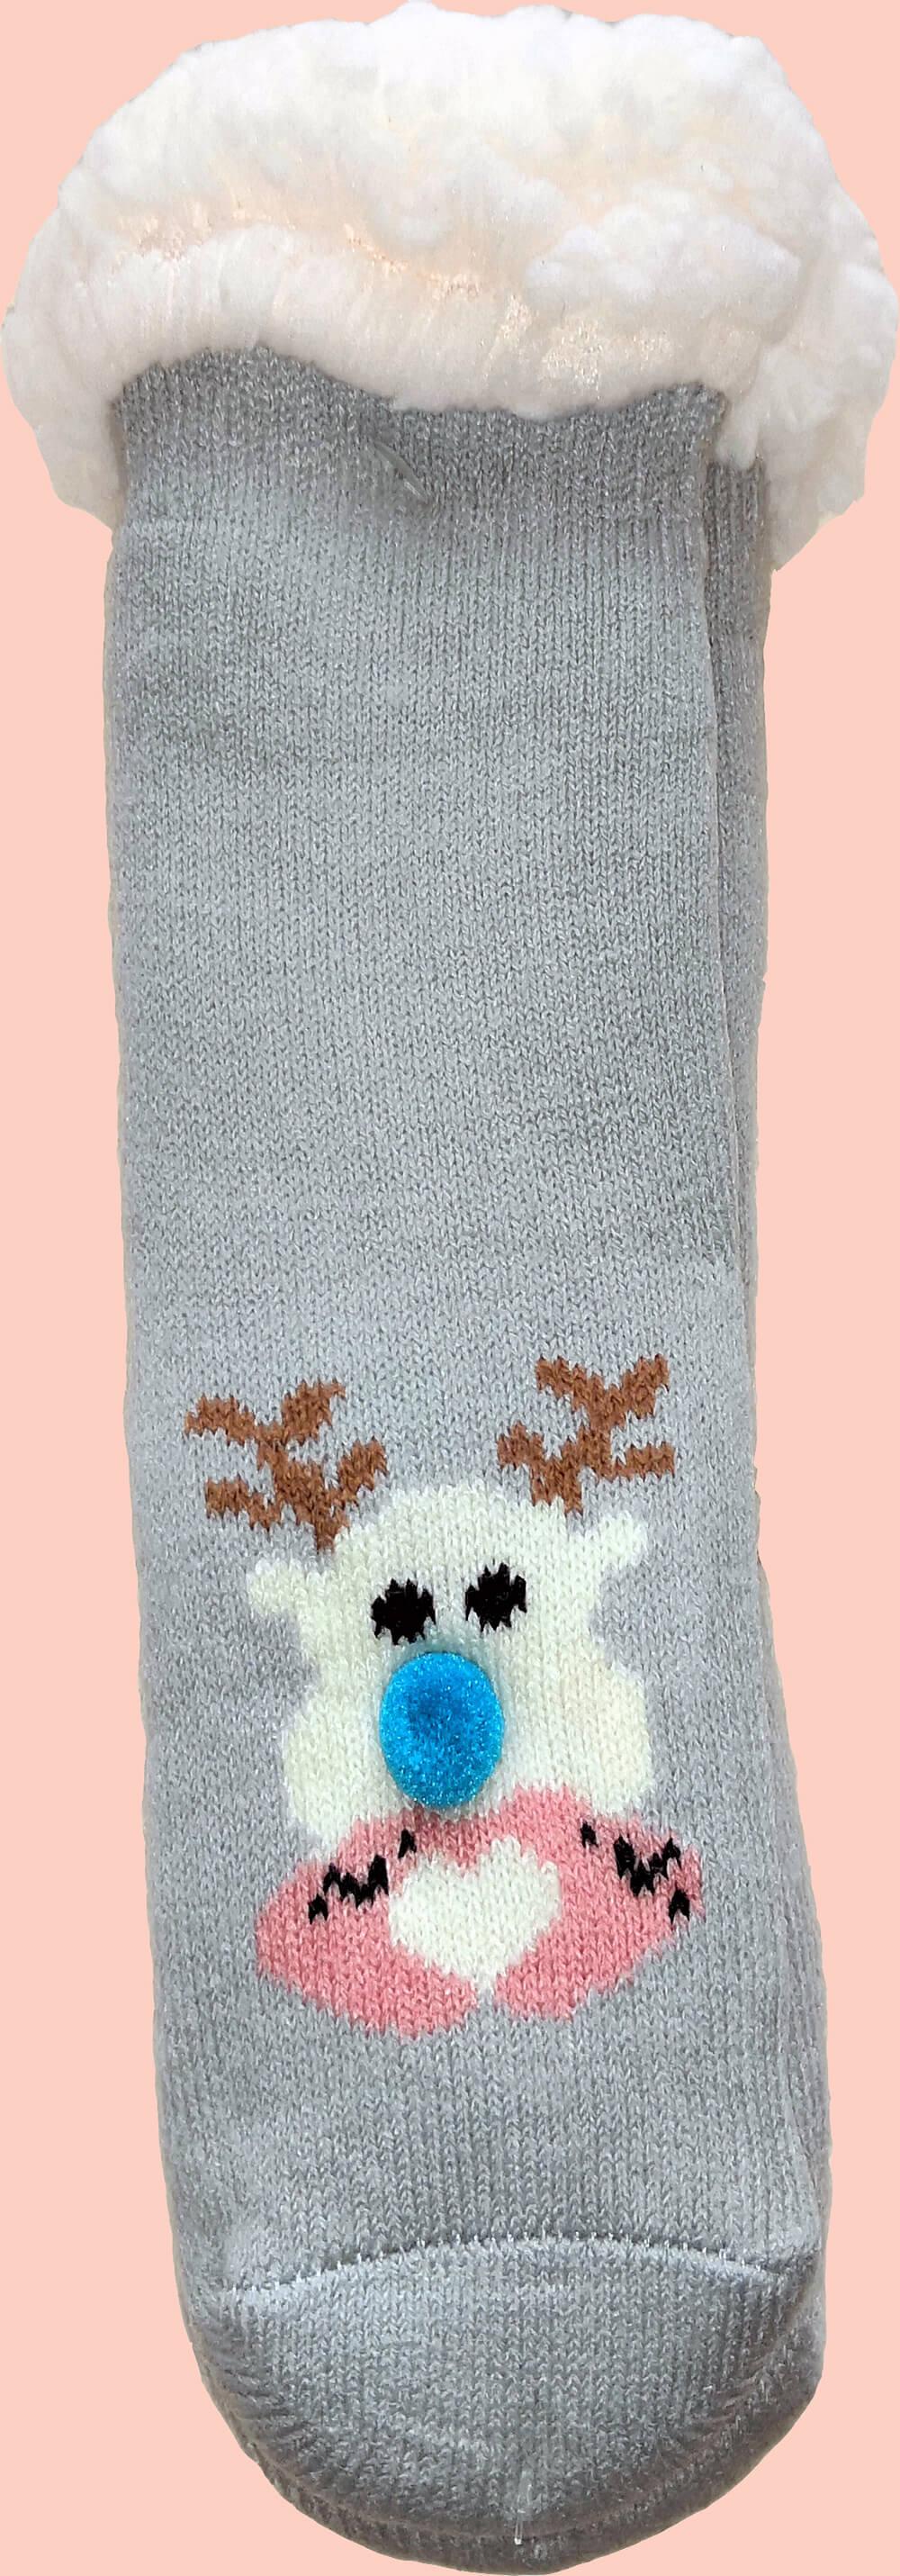 Детские носки-тапочки LookEN SM-HL-7211D-g 26-28 размера серого цвета.